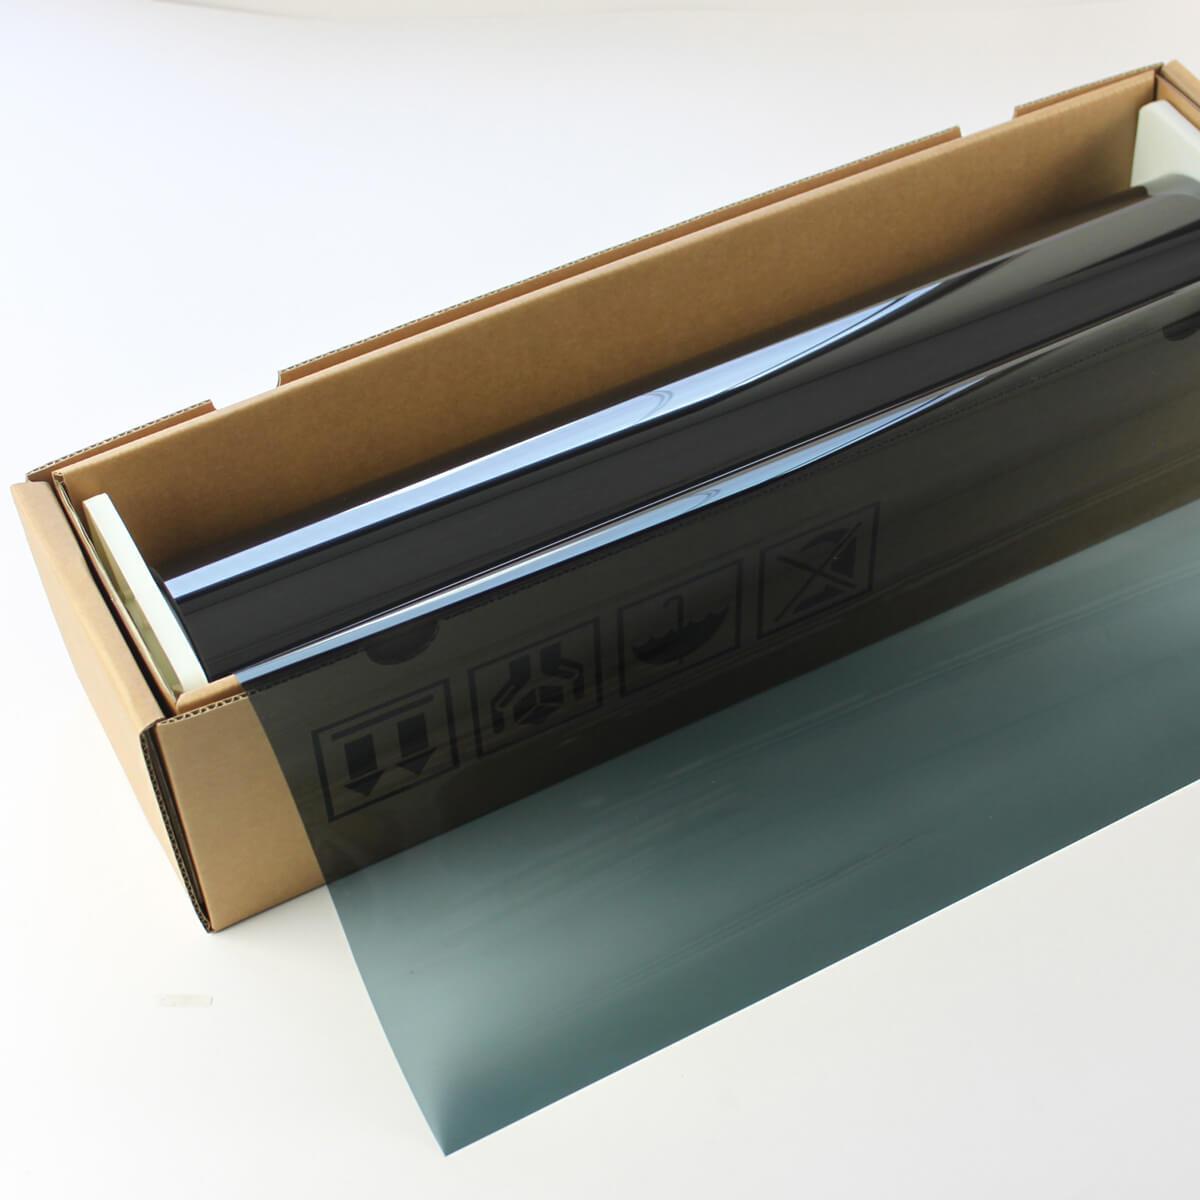 ウィンドウフィルム 窓ガラスフィルム スーパーUV400グリーン30(28%) 1m幅×30mロール箱売 遮熱フィルム 断熱フィルム UVカットフィルム ブレインテック Braintec